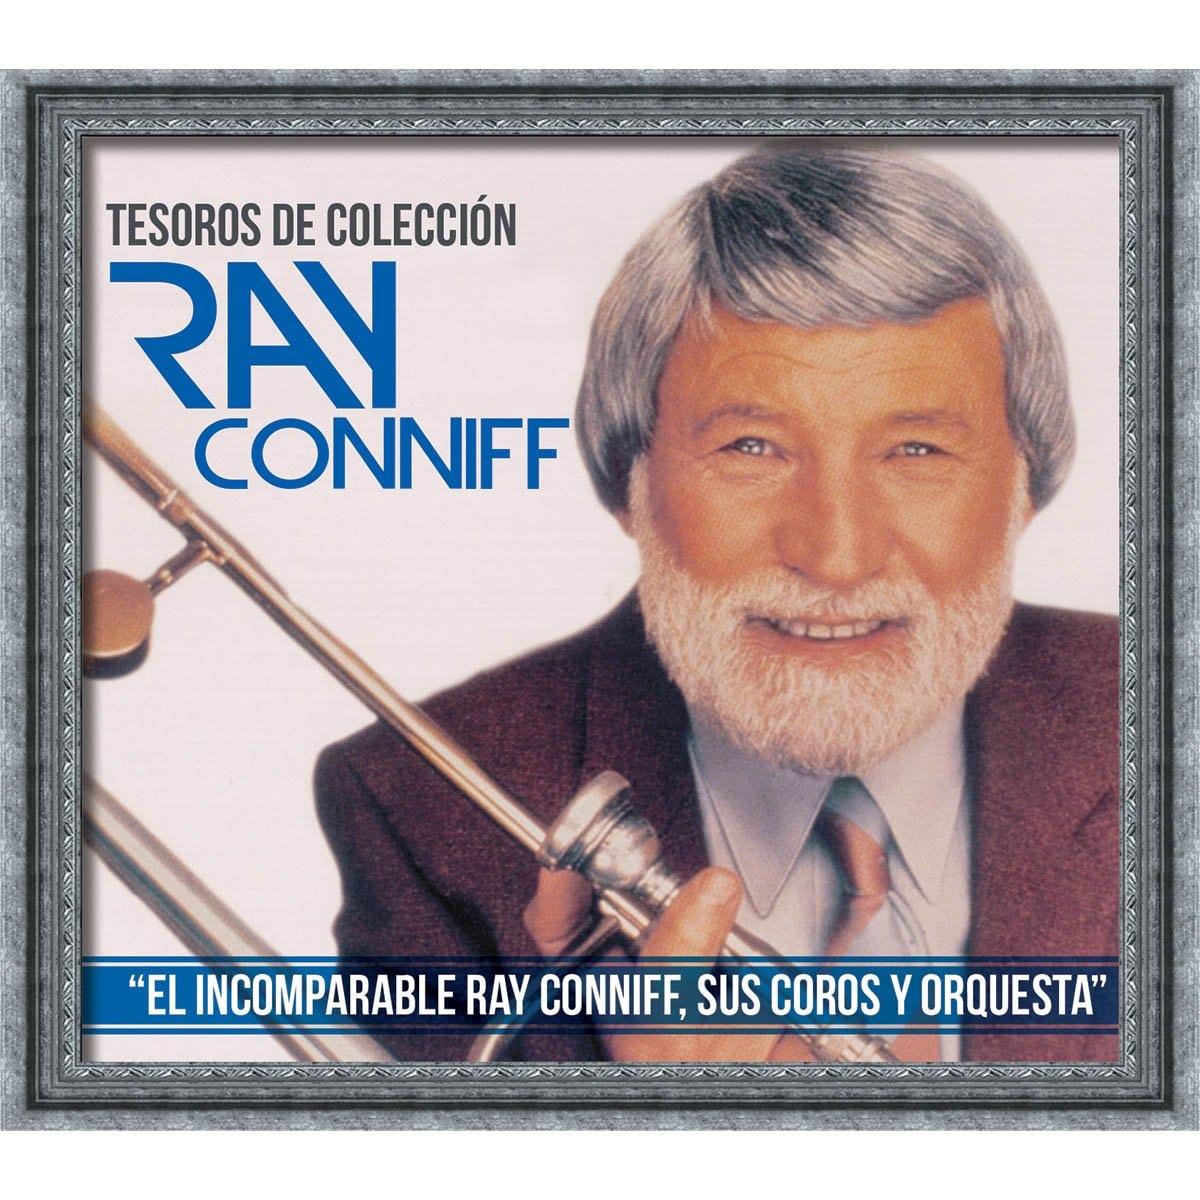 3 Cds Ray Conniff Tesoros de Colección